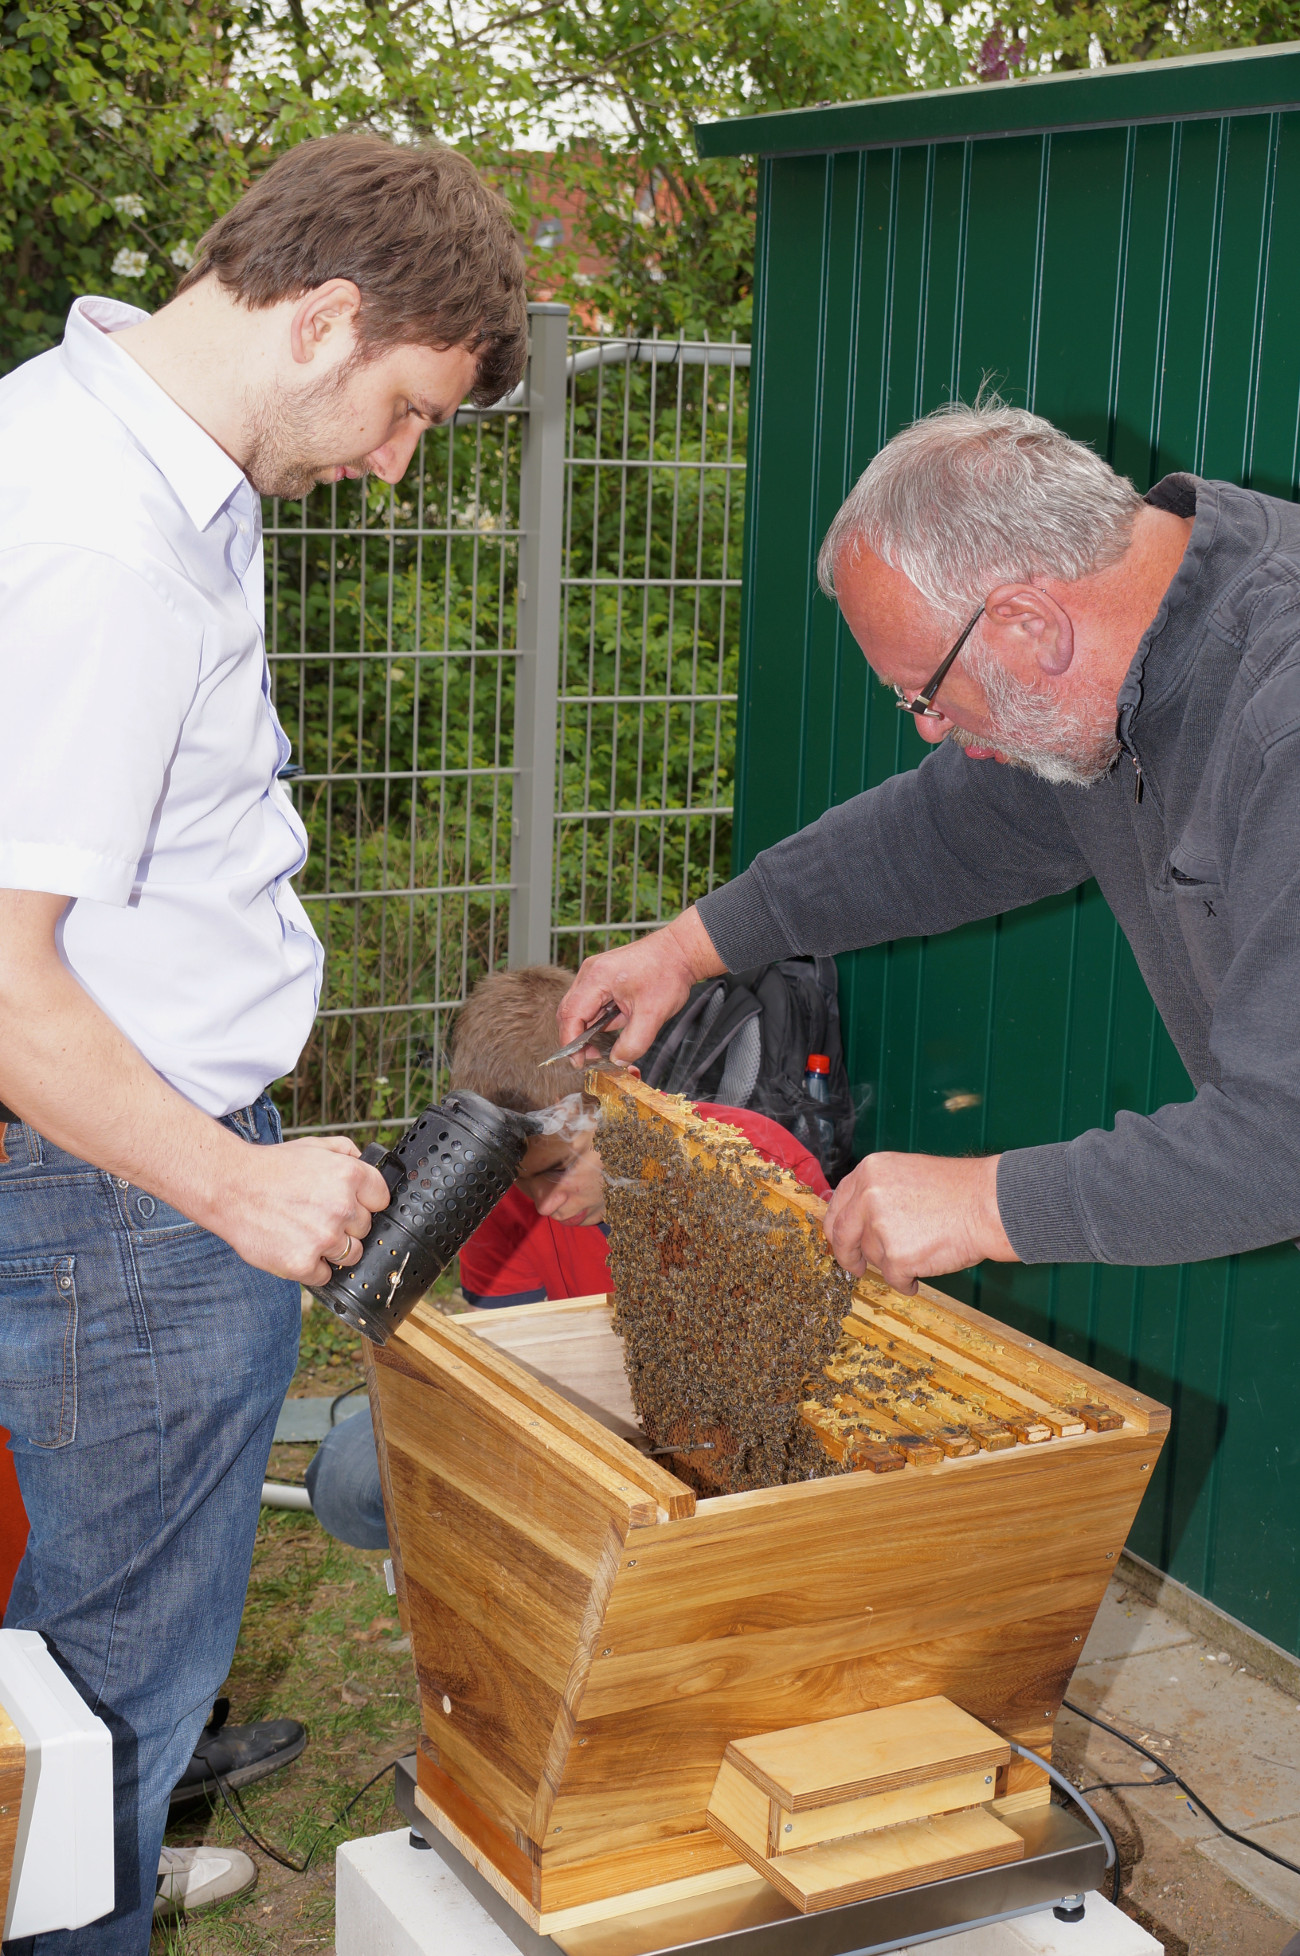 Einsetzen von Bienen